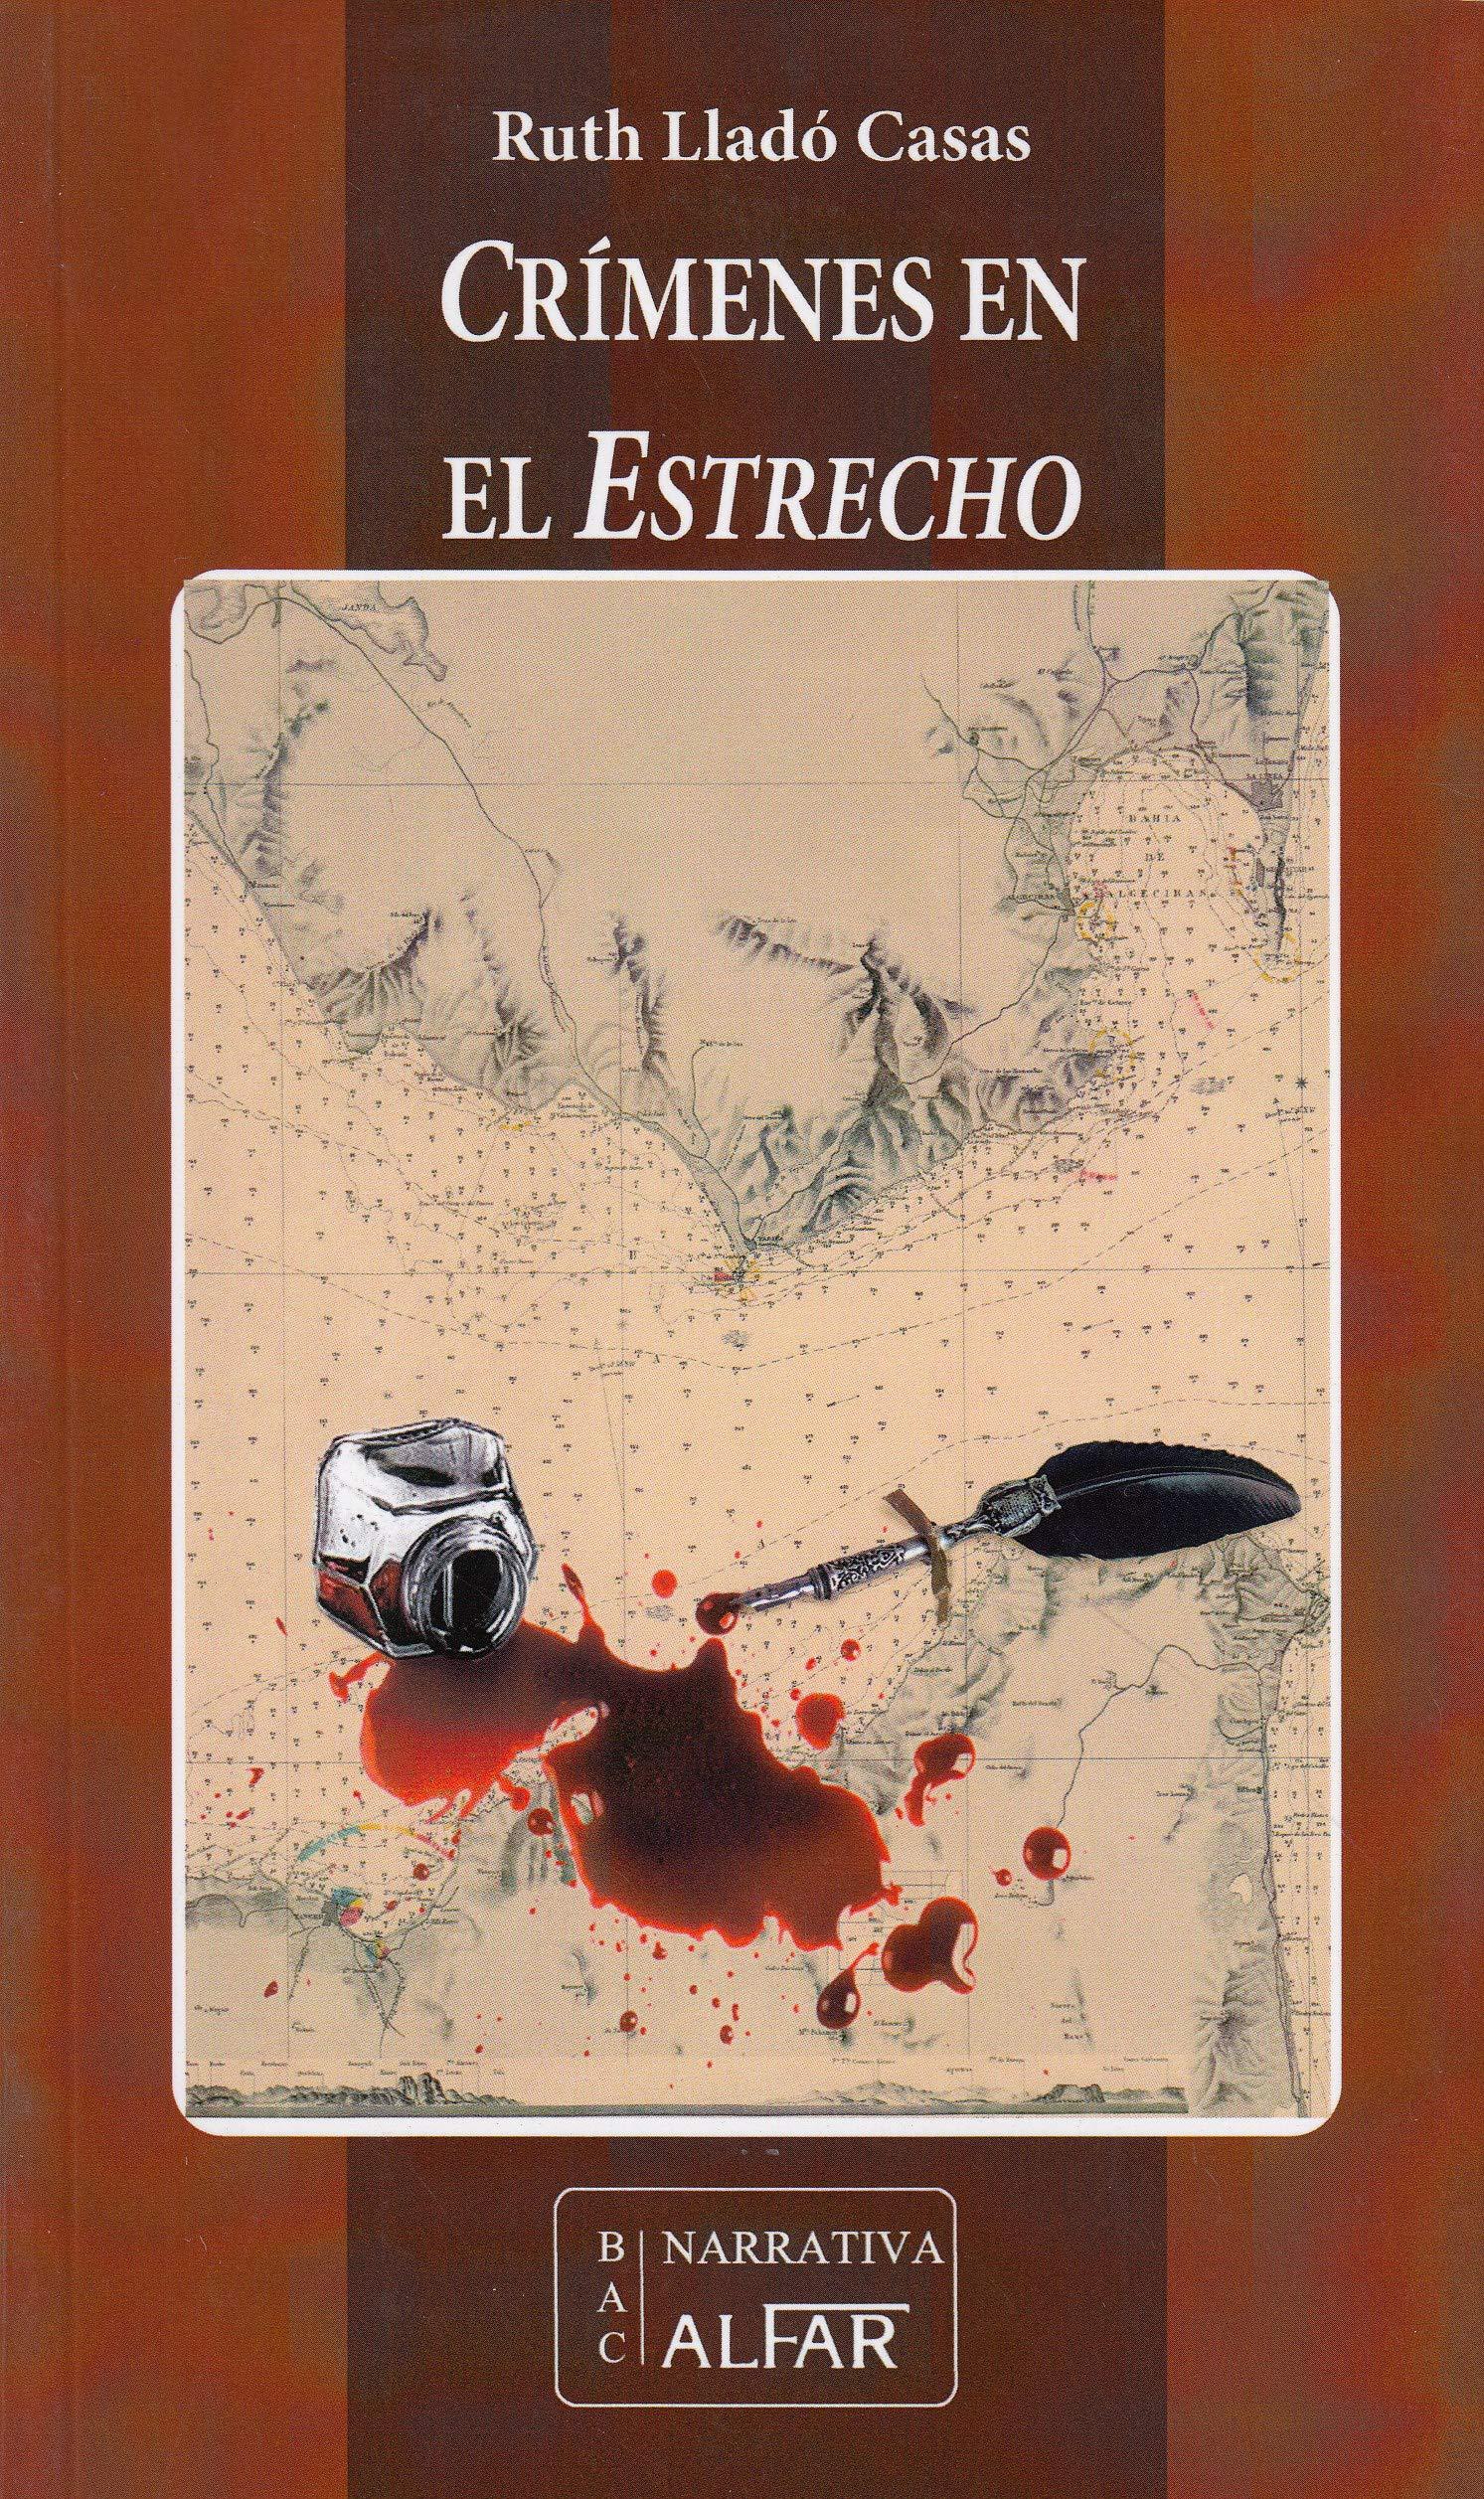 Crímenes en el Estrecho Biblioteca de Autores Contemporáneos: Amazon.es: Lladó Casas, Ruth: Libros